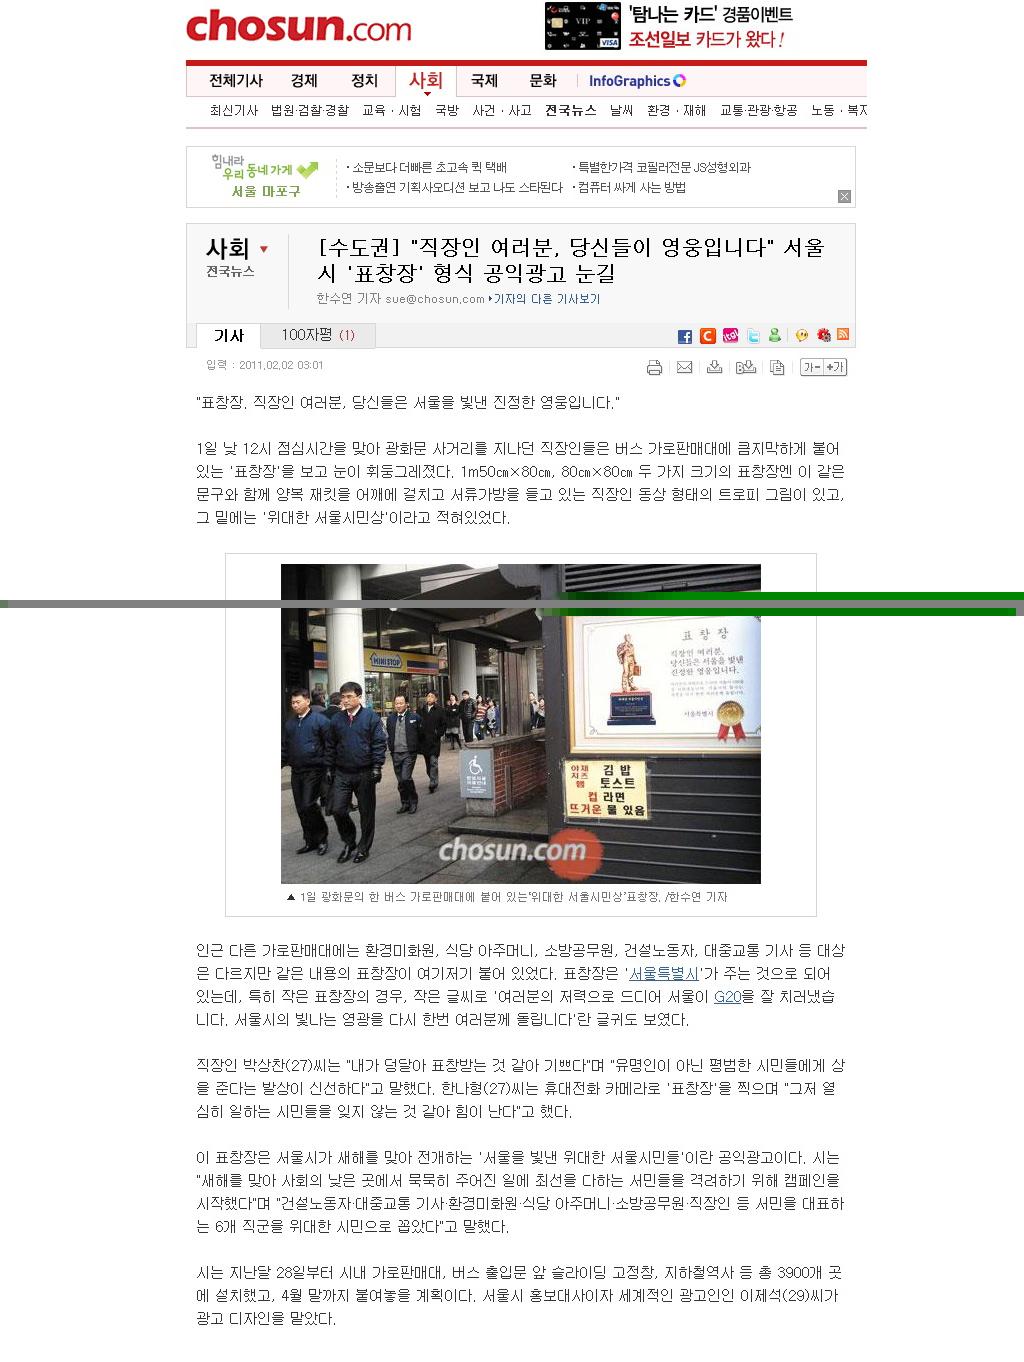 서울(조선)h.jpg